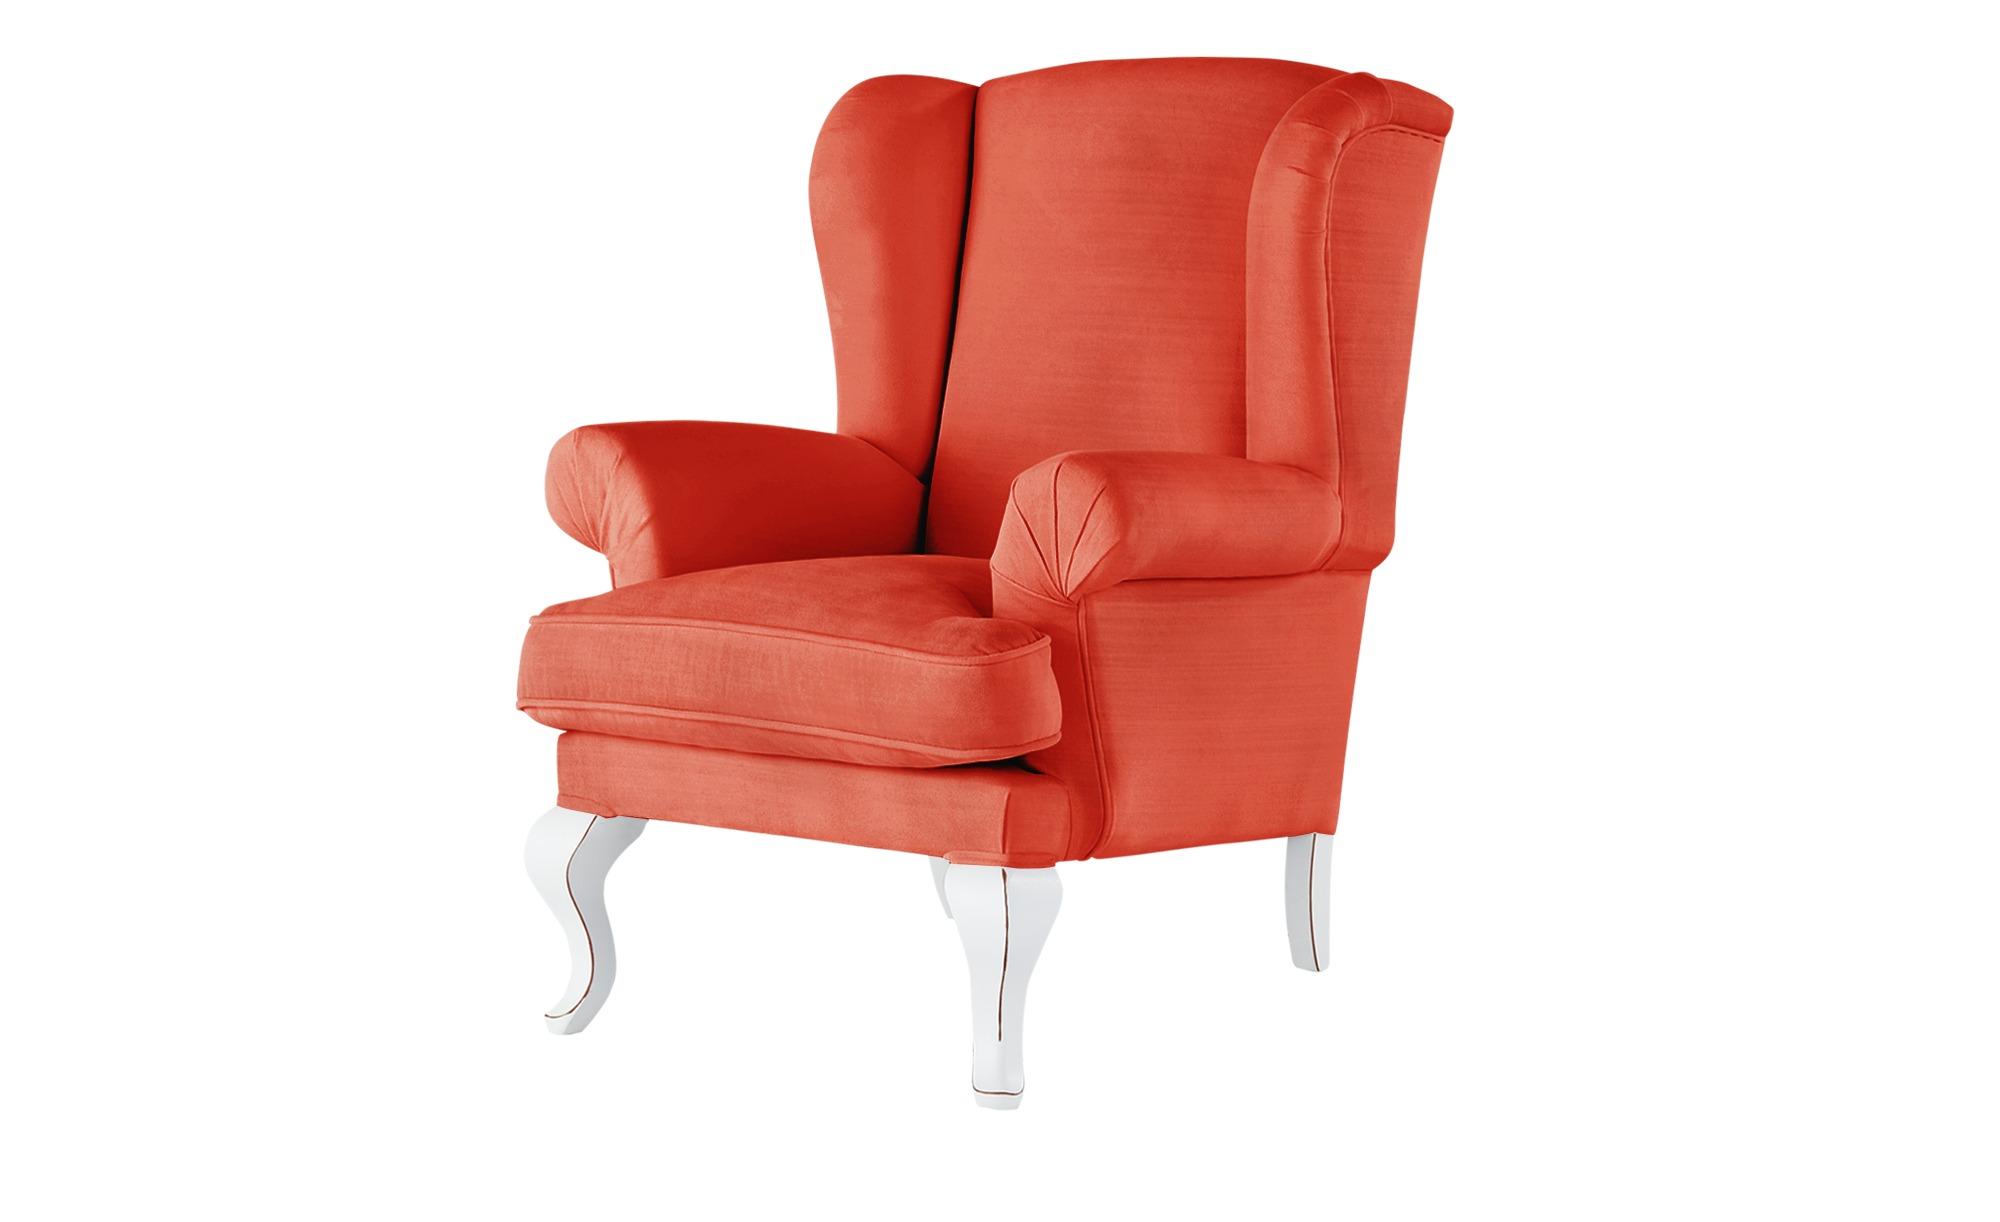 smart Ohrensessel - orange - 84 cm - 98 cm - 85 cm - Polstermöbel > Sessel > Ohrensessel - Möbel Kraft | Wohnzimmer > Sessel > Ohrensessel | smart